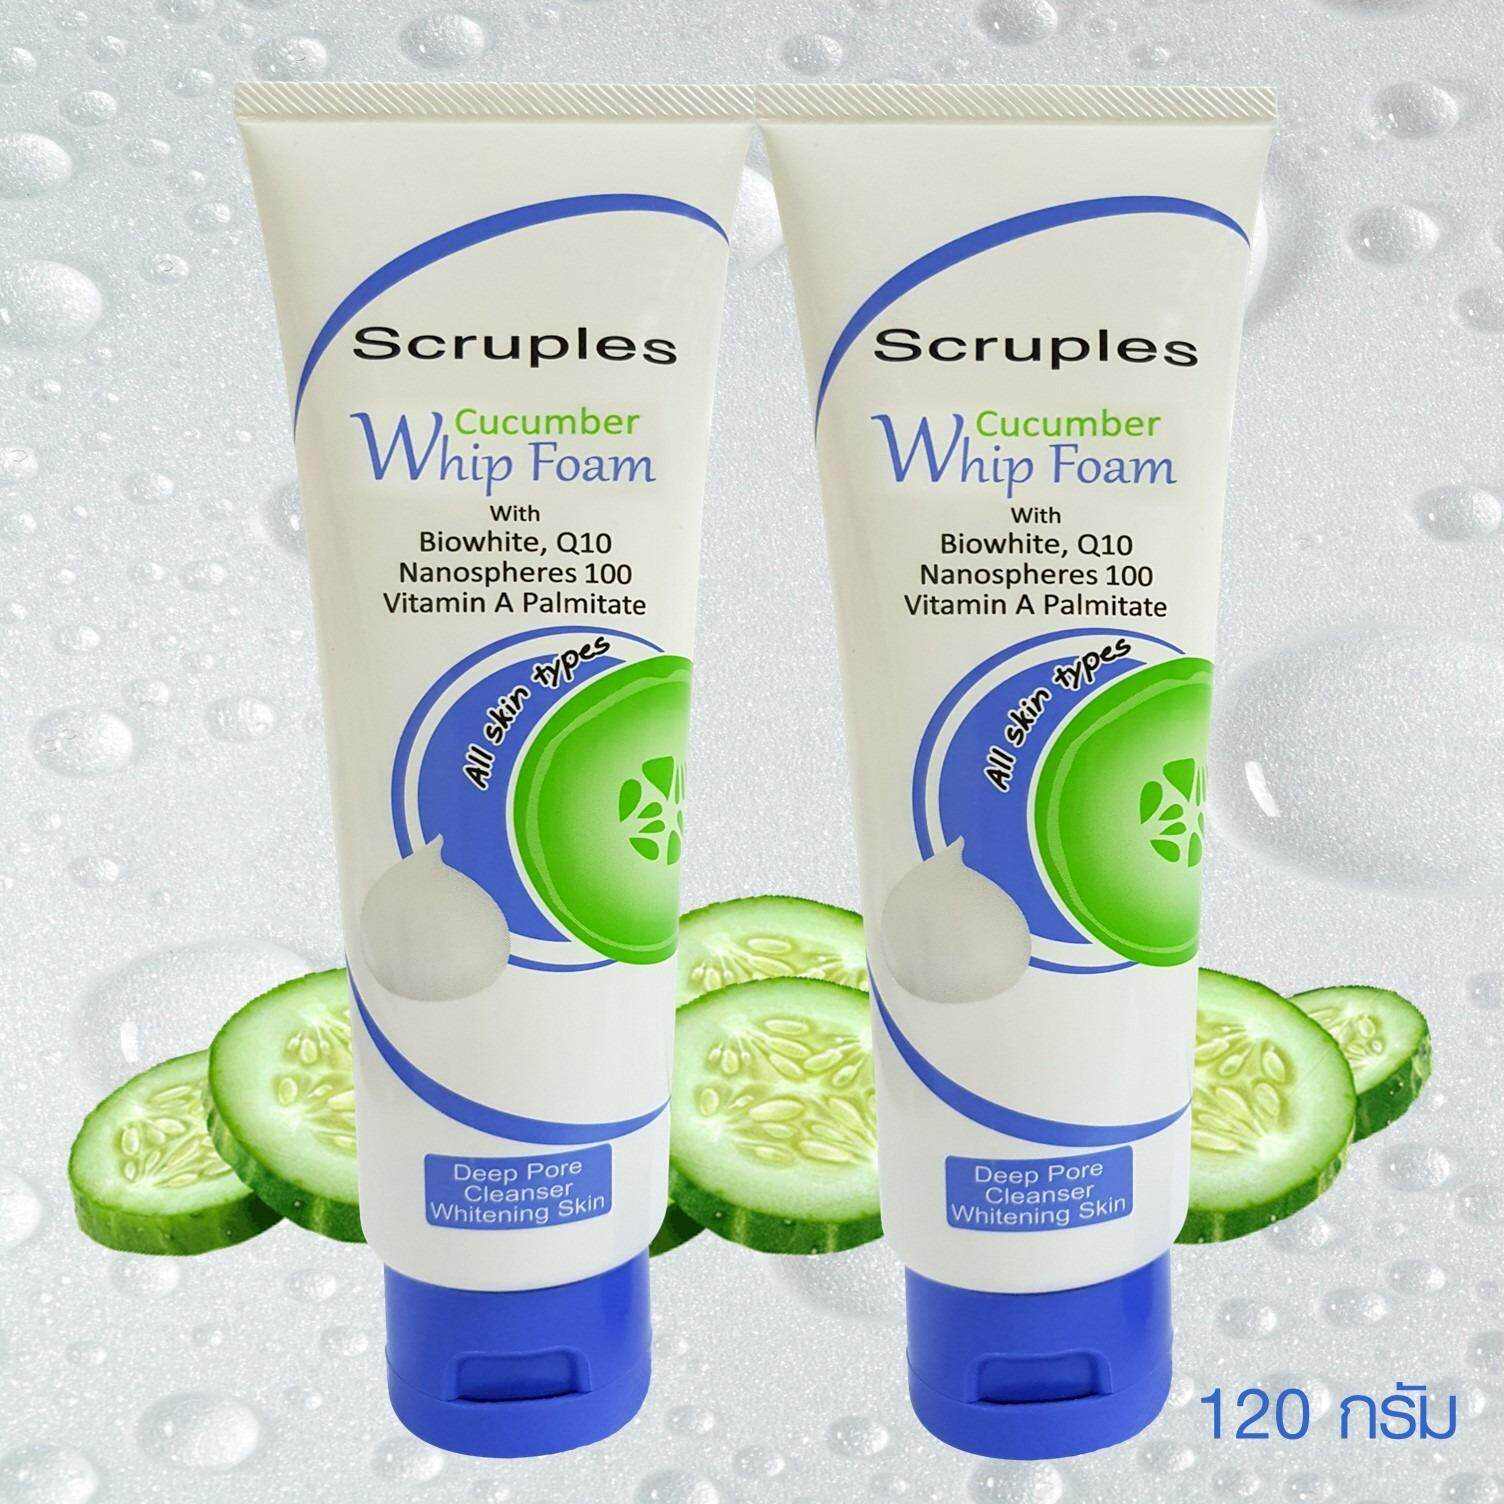 โฟมล้างหน้า สครูเพิลส์ สูตรไบโอไวท์ (Bio White) โคเอนไซม์ คิวเทน (Q10) หน้าขาวใสเด้ง ลดรอยสิว ลดสิวอุดตันและสิวเสี้ยนScruples Cucumber Whip Foam (SCB-WF917L) Pack 2 หลอด